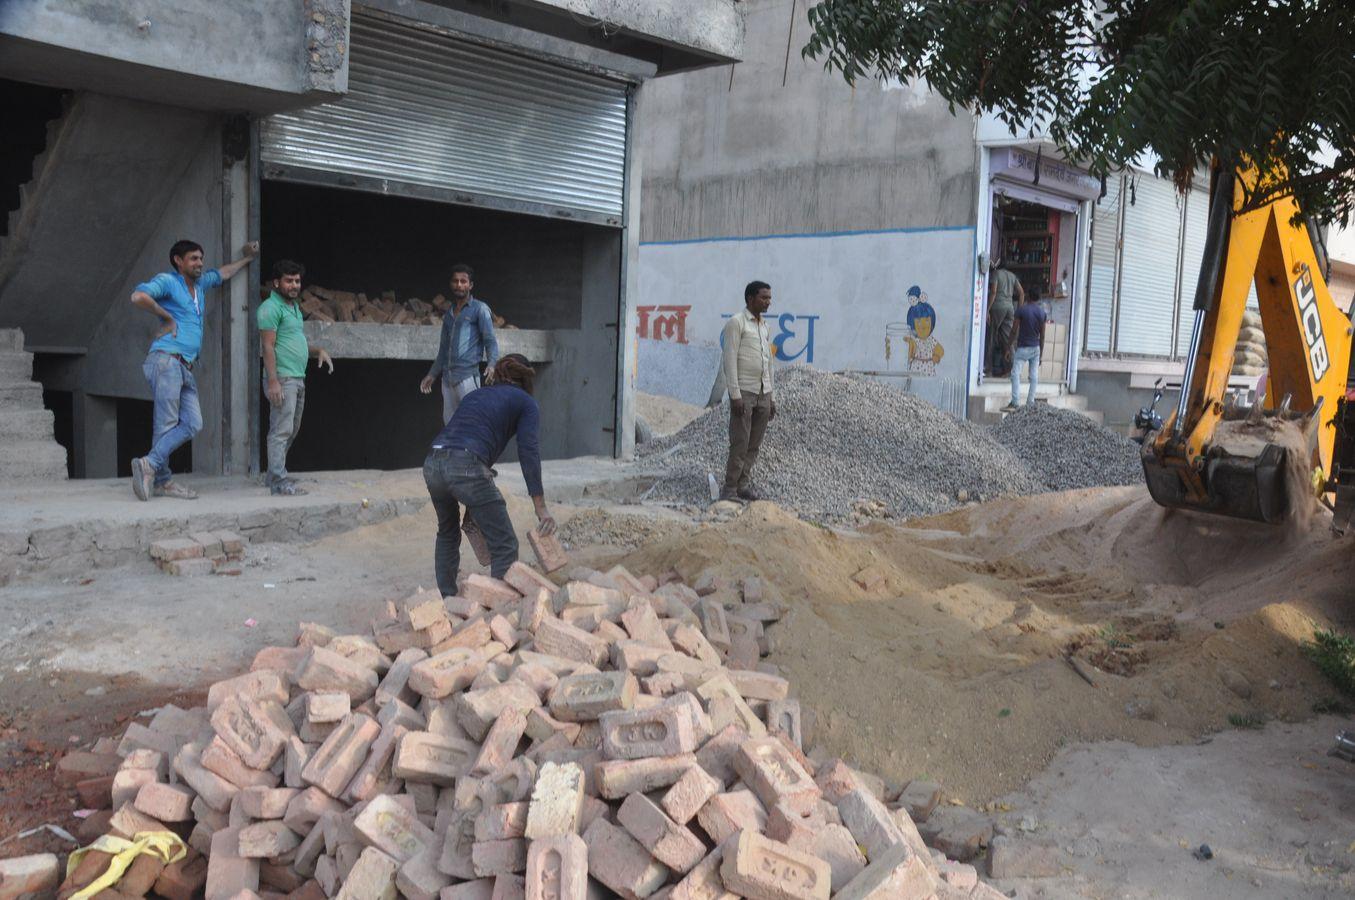 नागौर शहर के बीकानेर रोड पर बंद कराया निर्माण कार्य